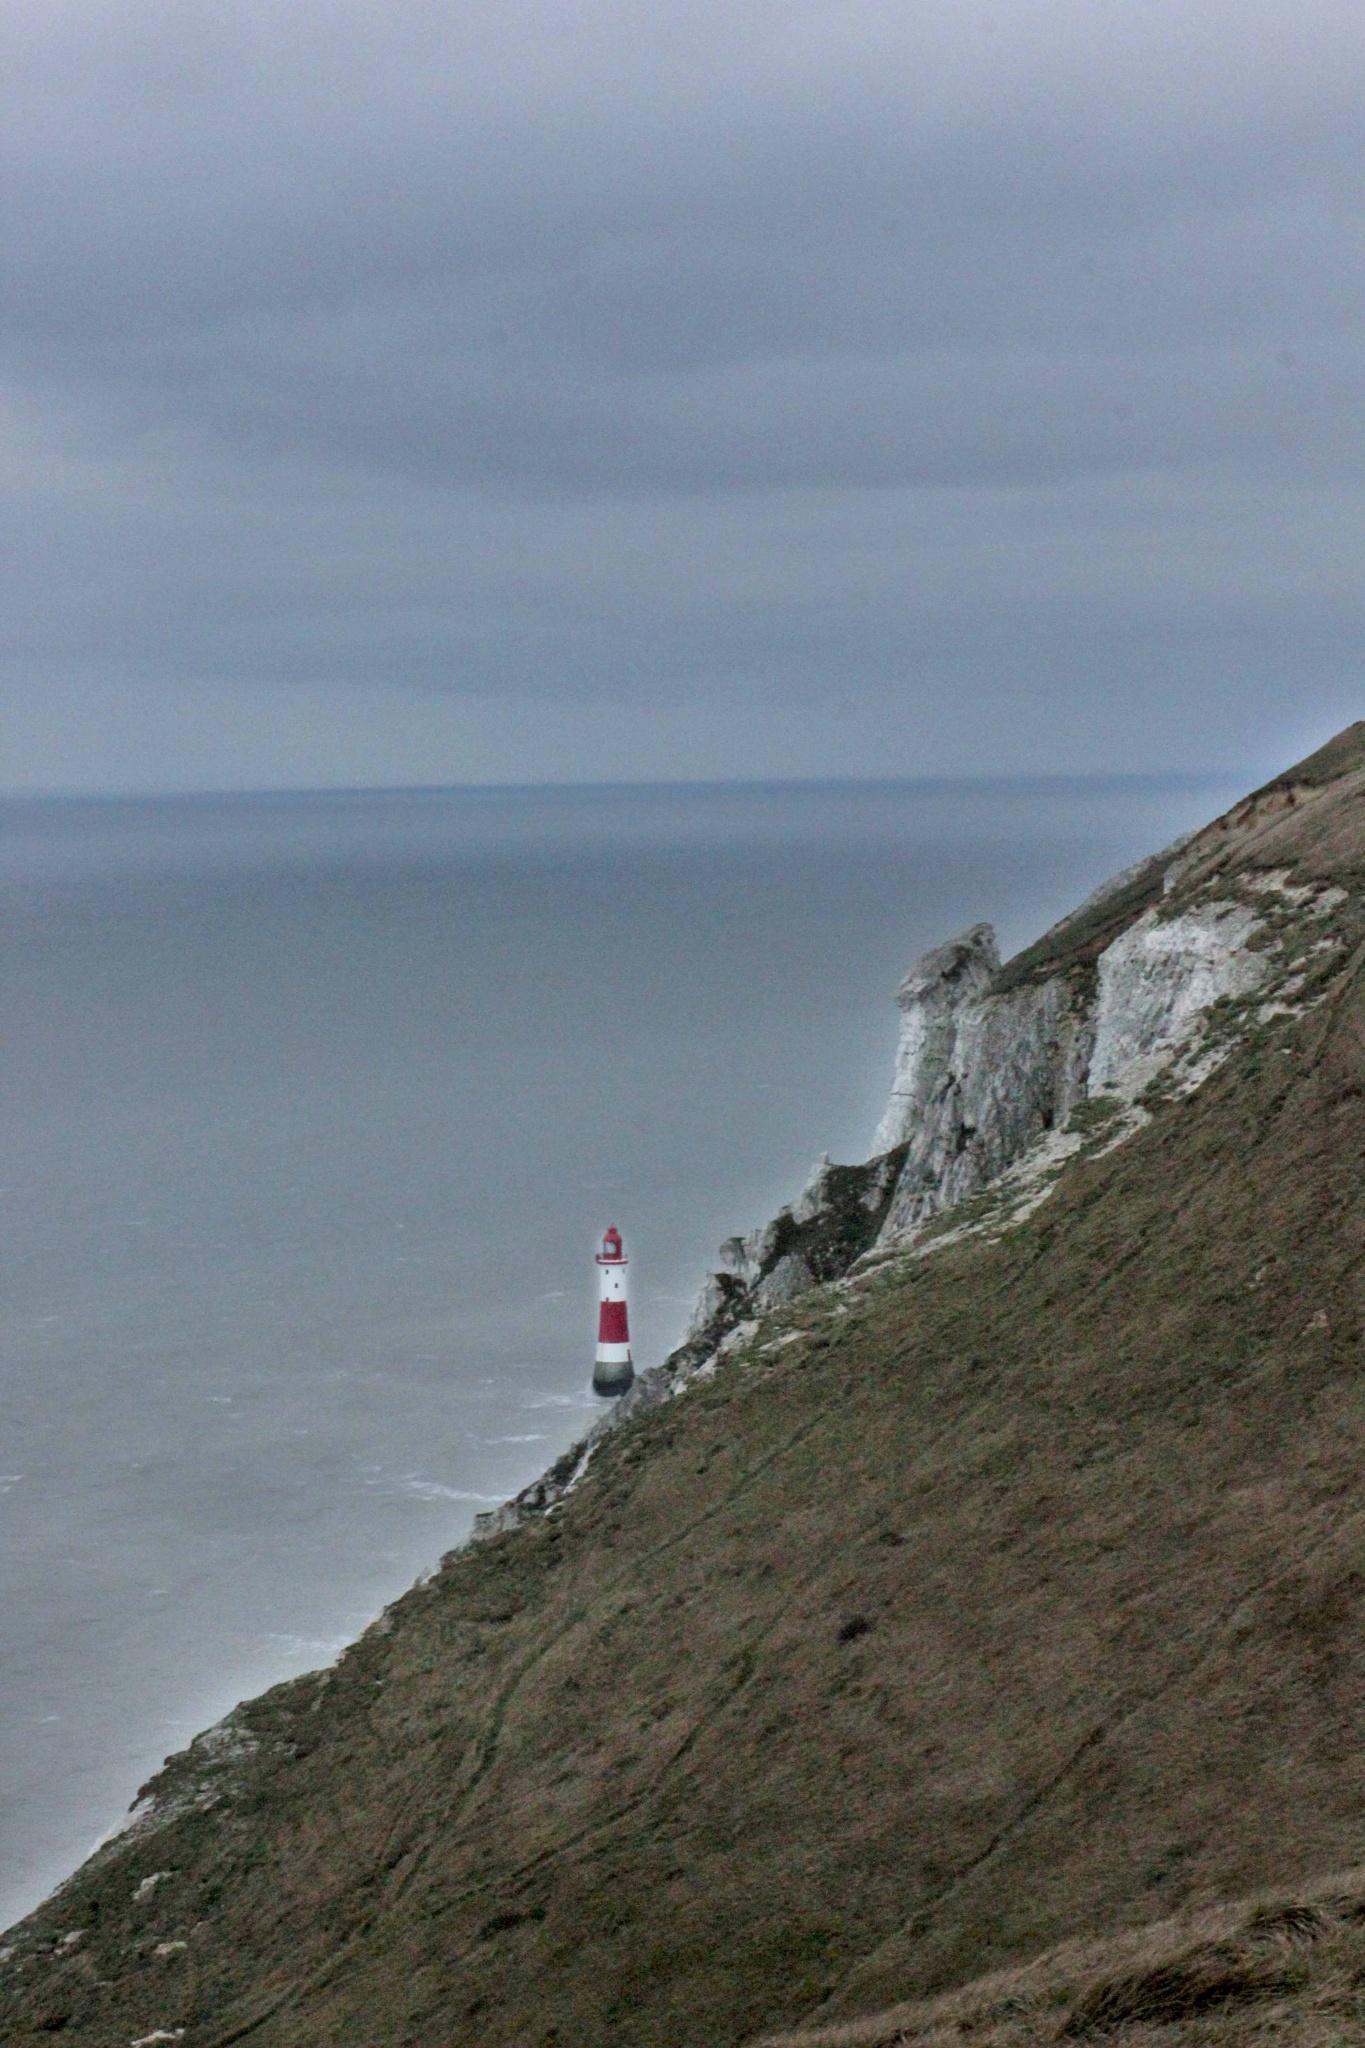 Beachy Head lighthouse by ineta.nachtmann